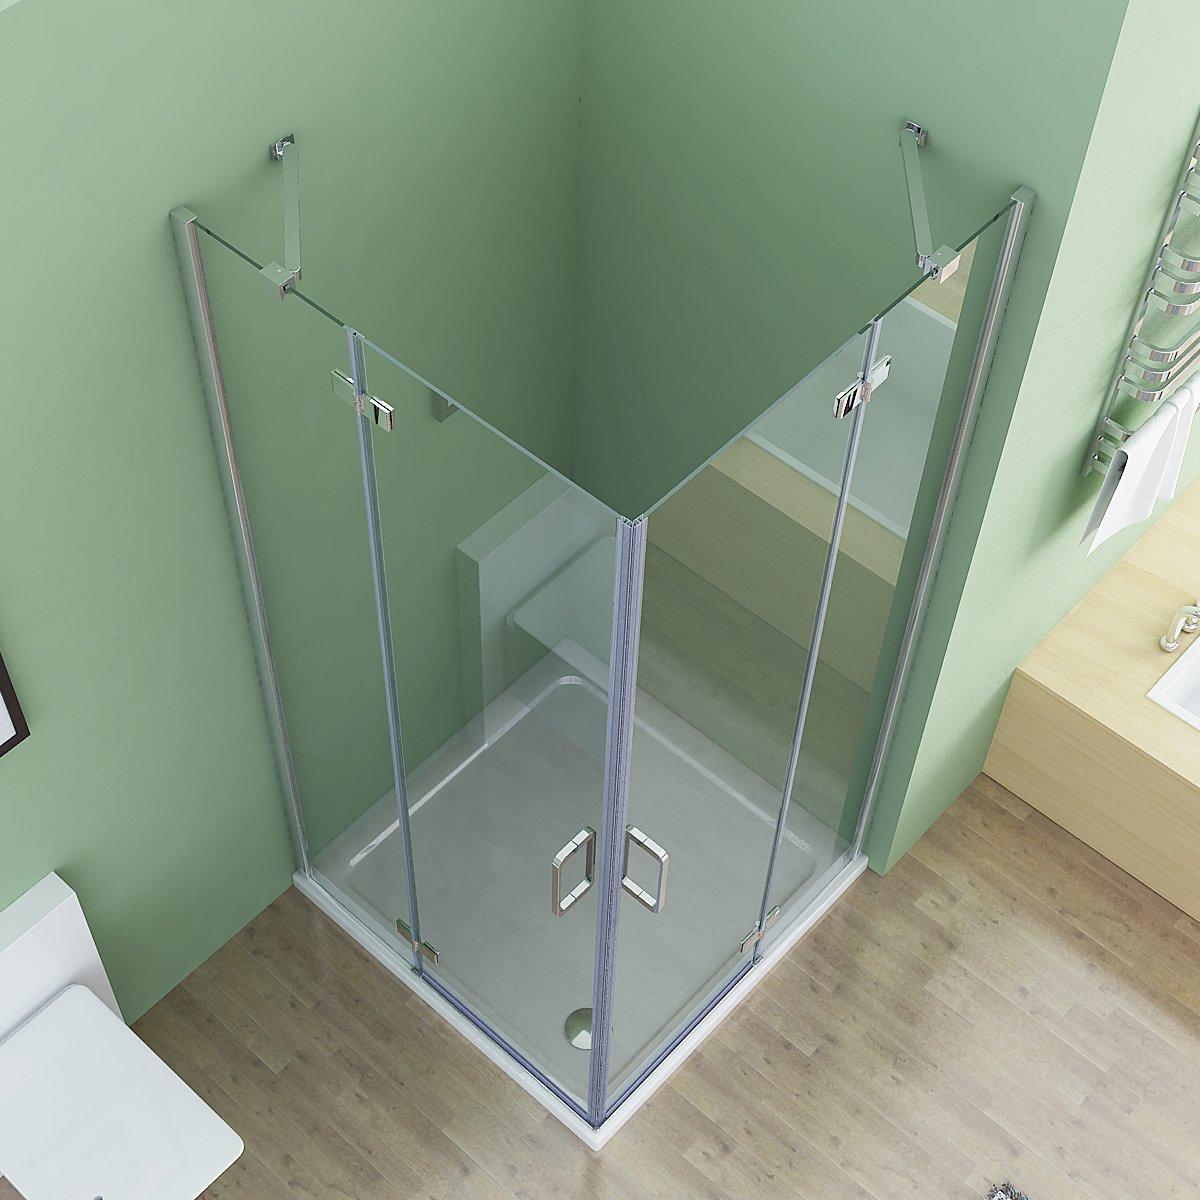 80 x 80 x 195 cm Duschkabine Eckeinstieg Dusche Faltt/ür Duschwand Duschabtrennung NANO Glas